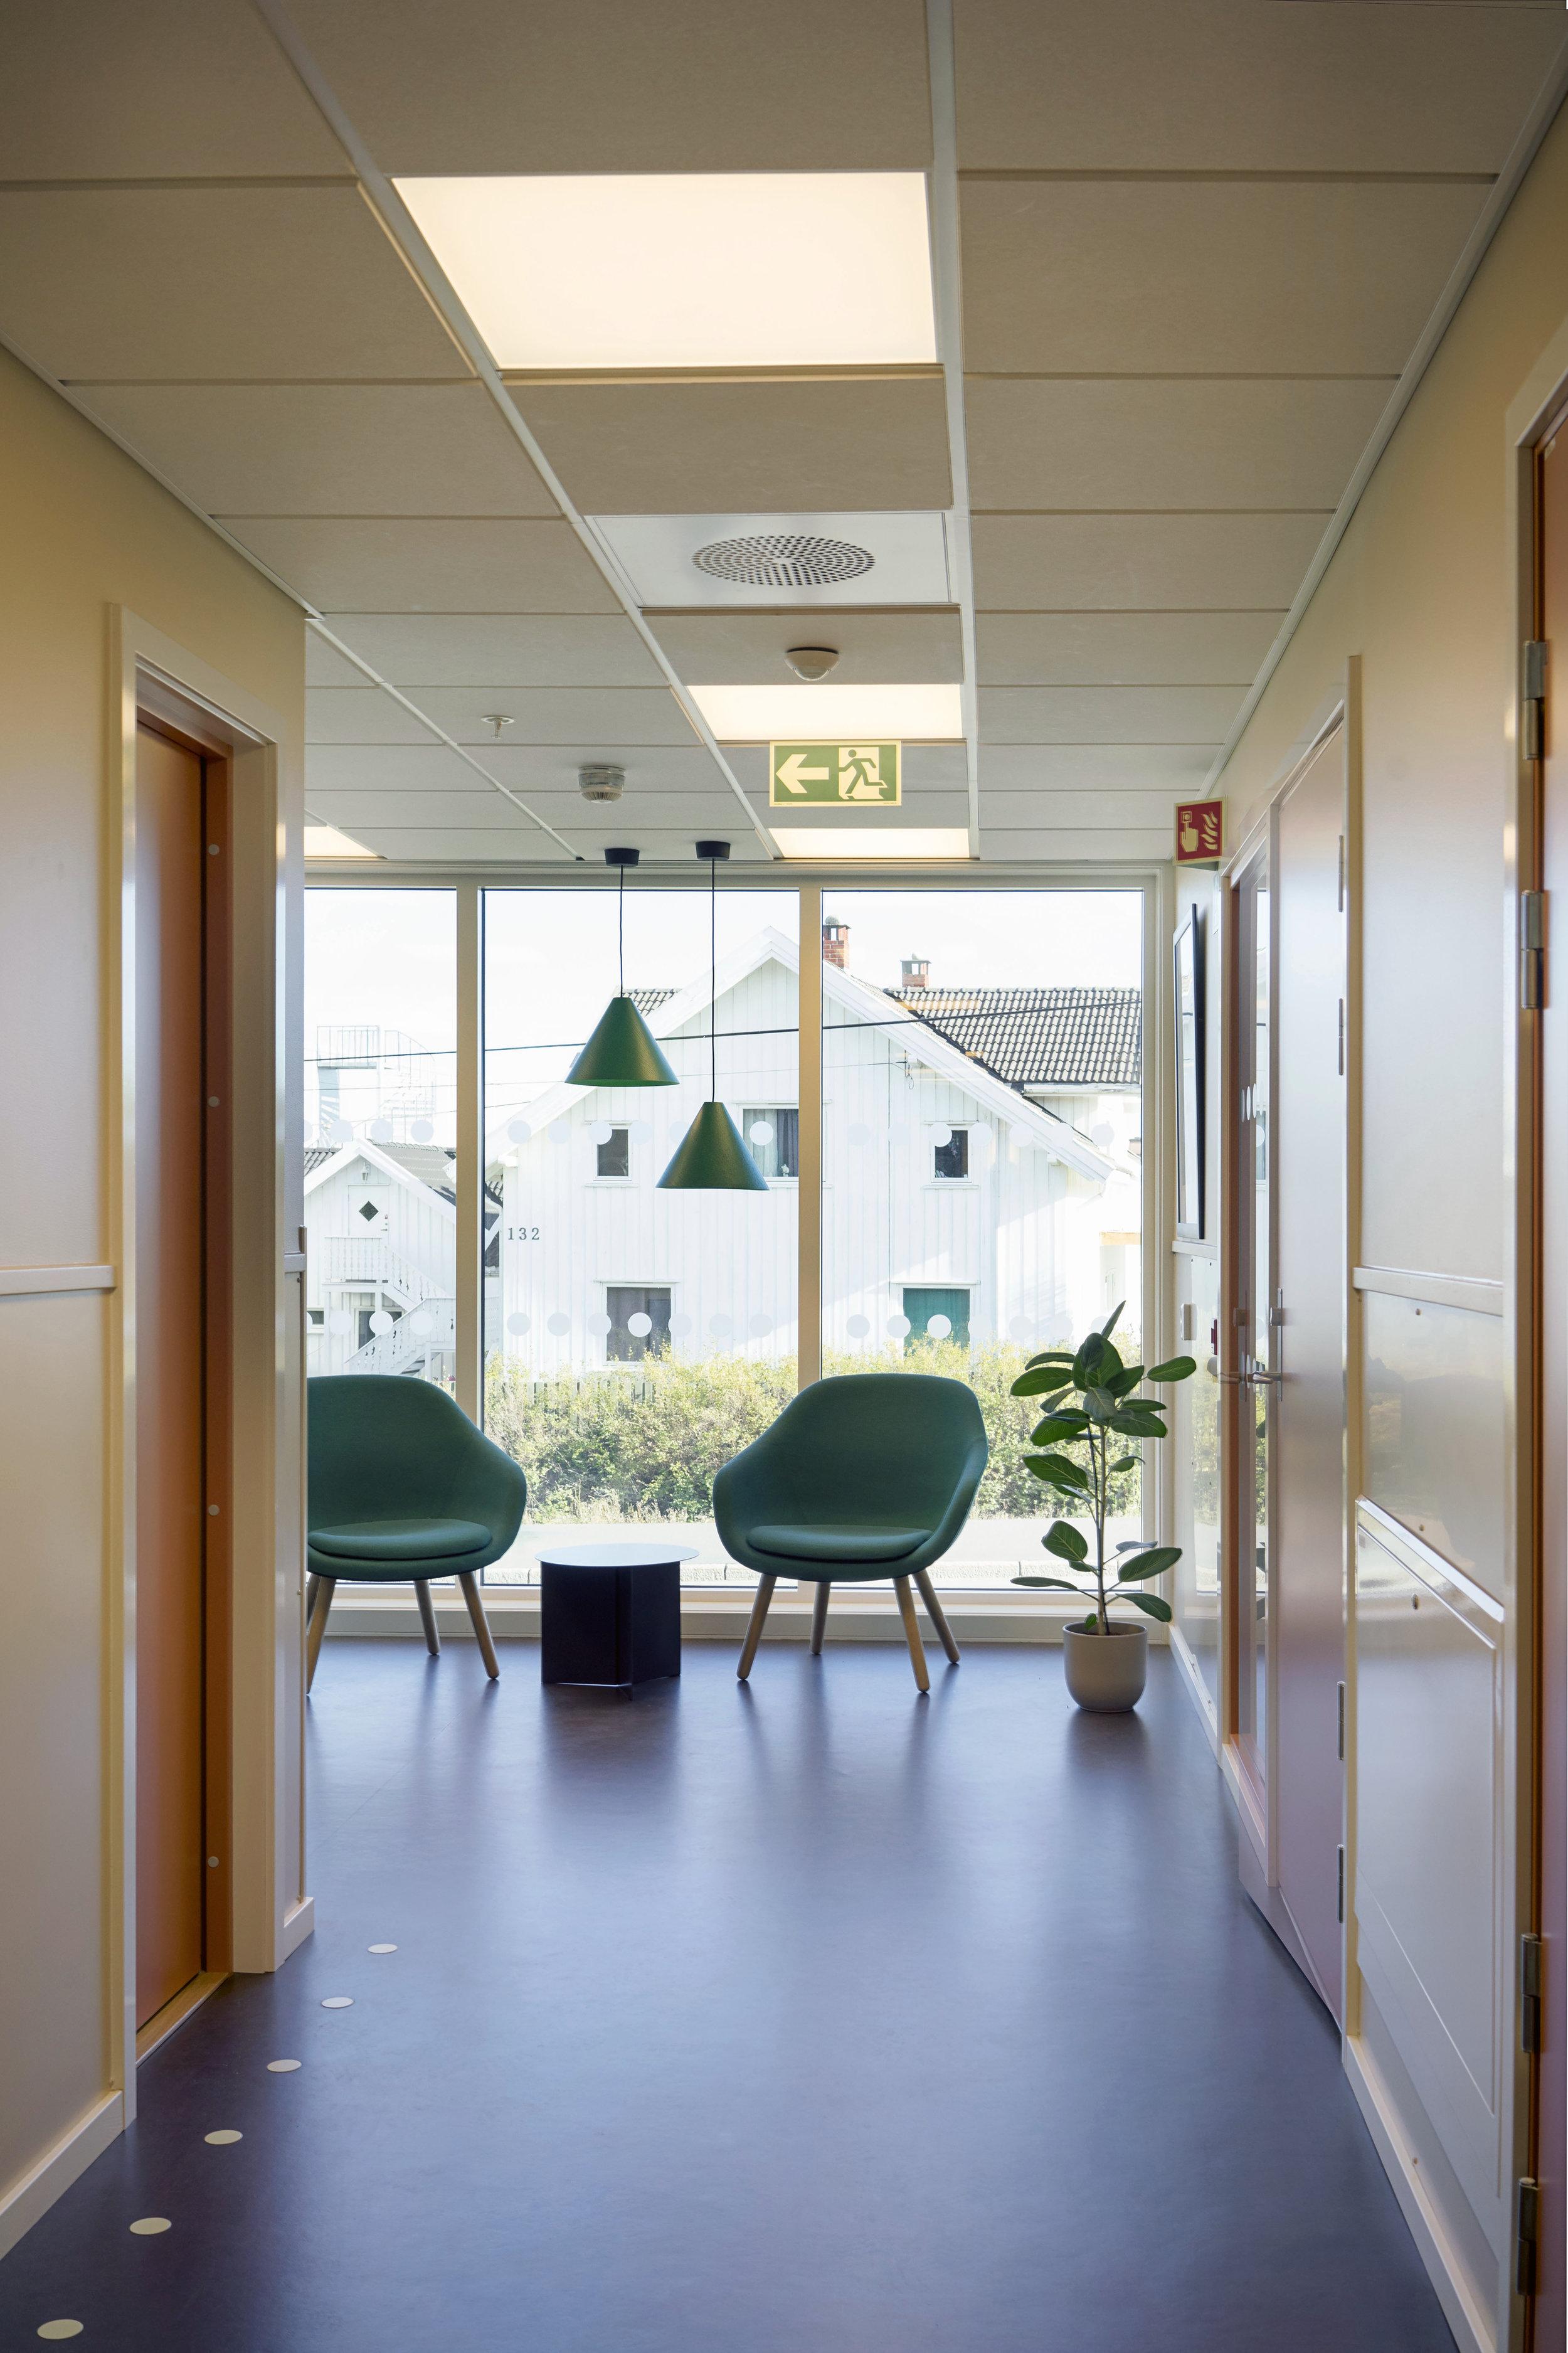 Planforum Arkitekter_Friggveien_Foto Eli Haugen Sandnes_Interiør 04.jpg